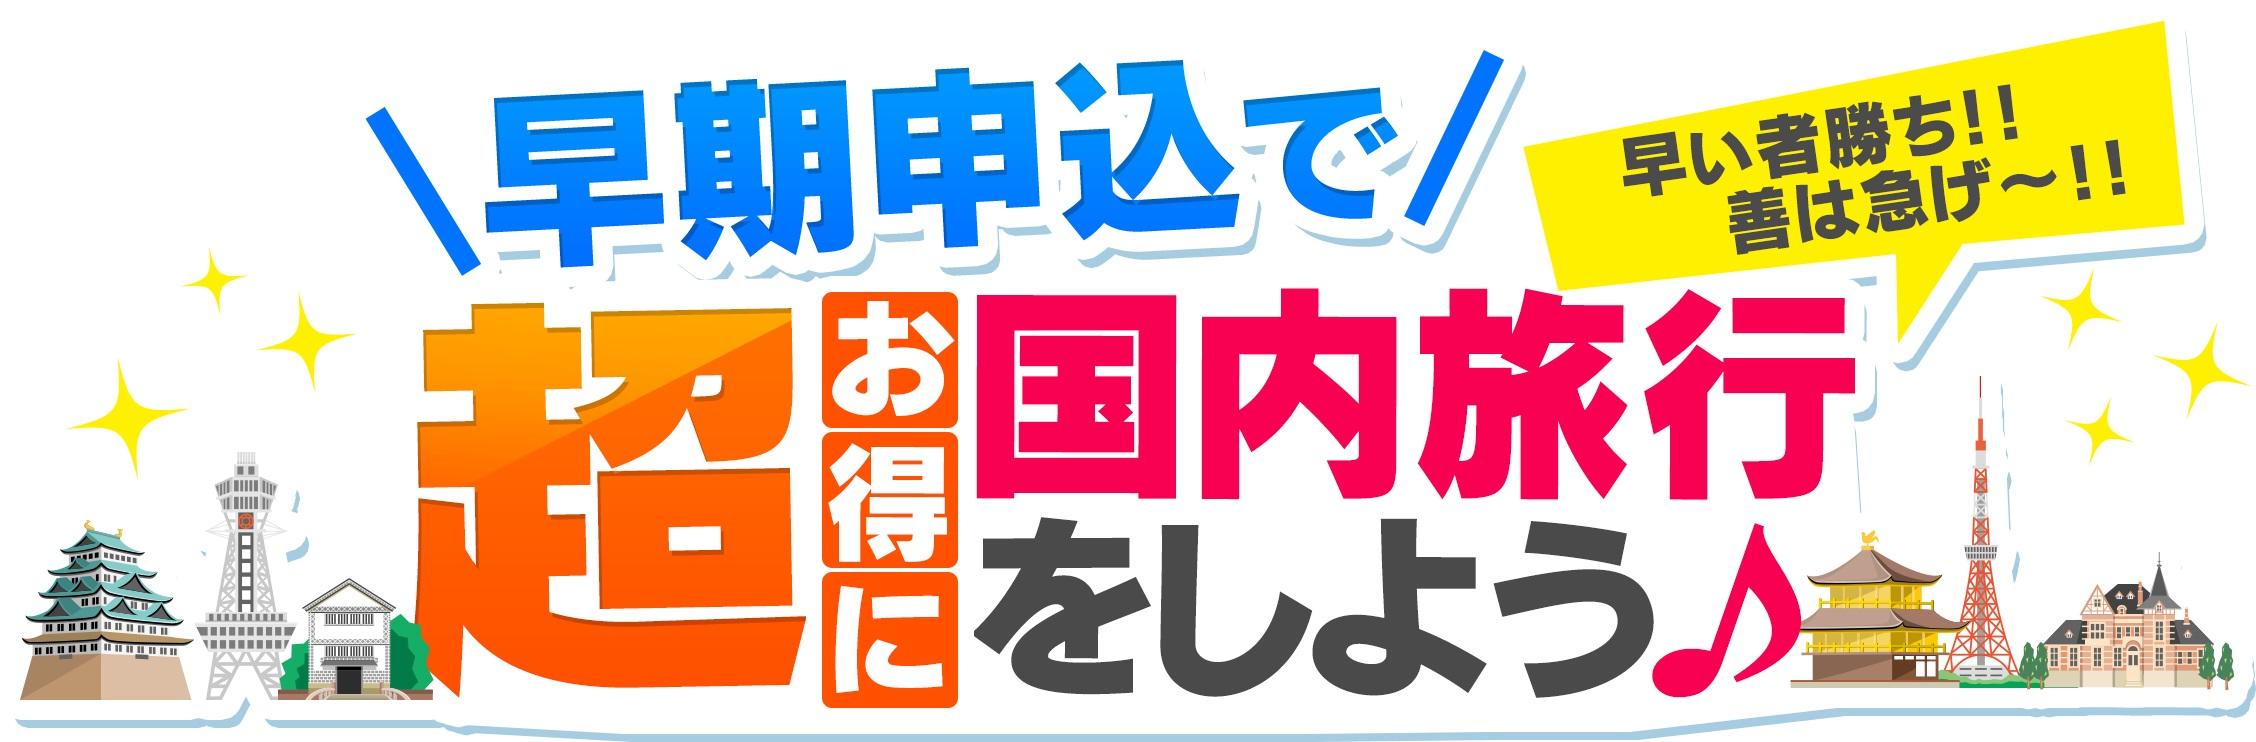 日本旅行 早割 早期申込で超お得に国内旅行をしよう